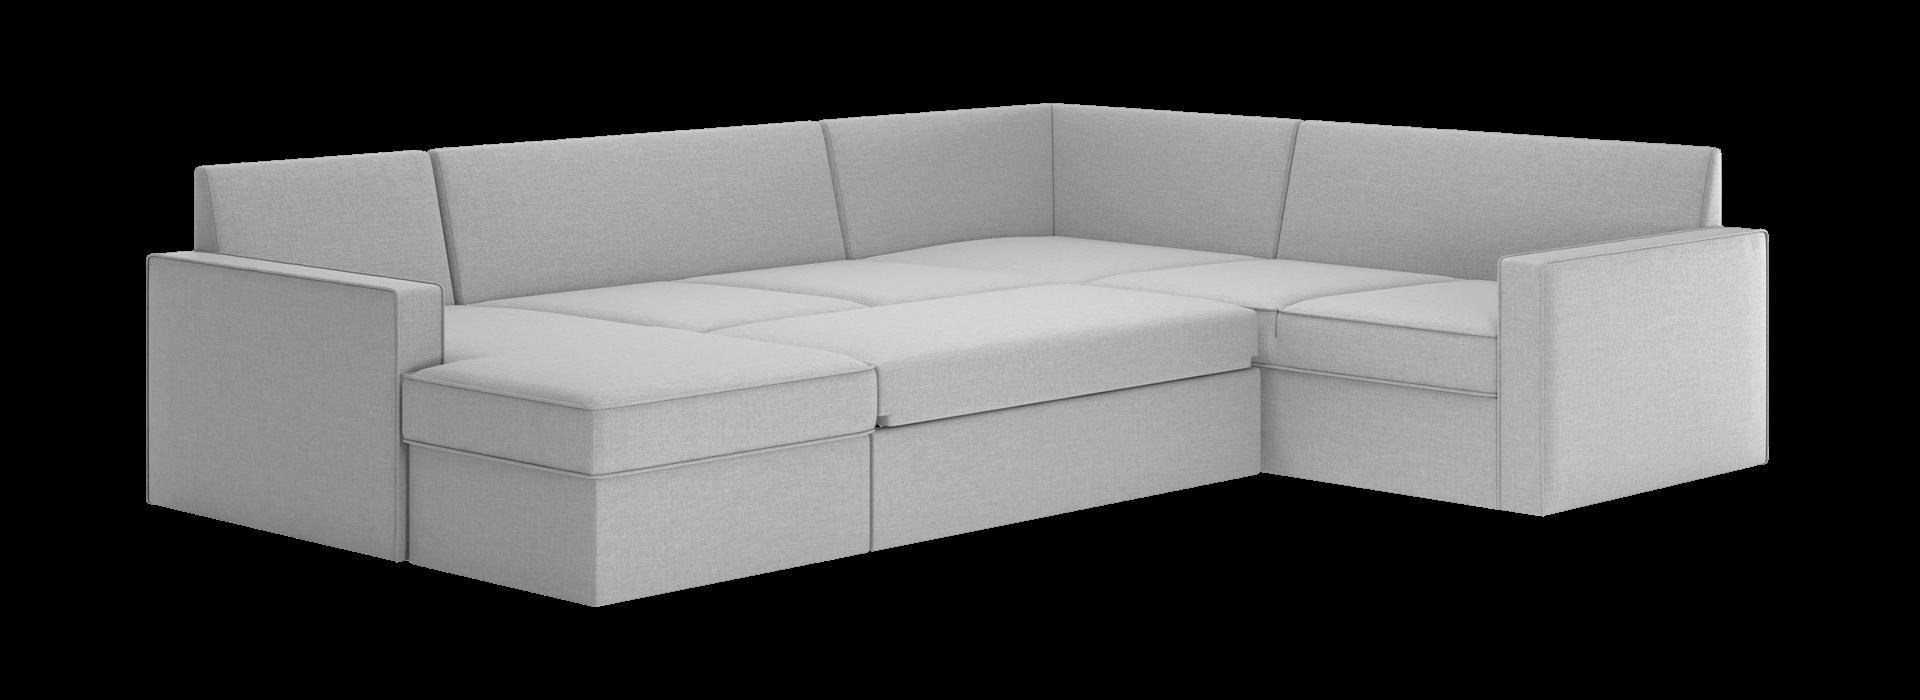 Лінкольн С модульний кутовий диван - маска 3